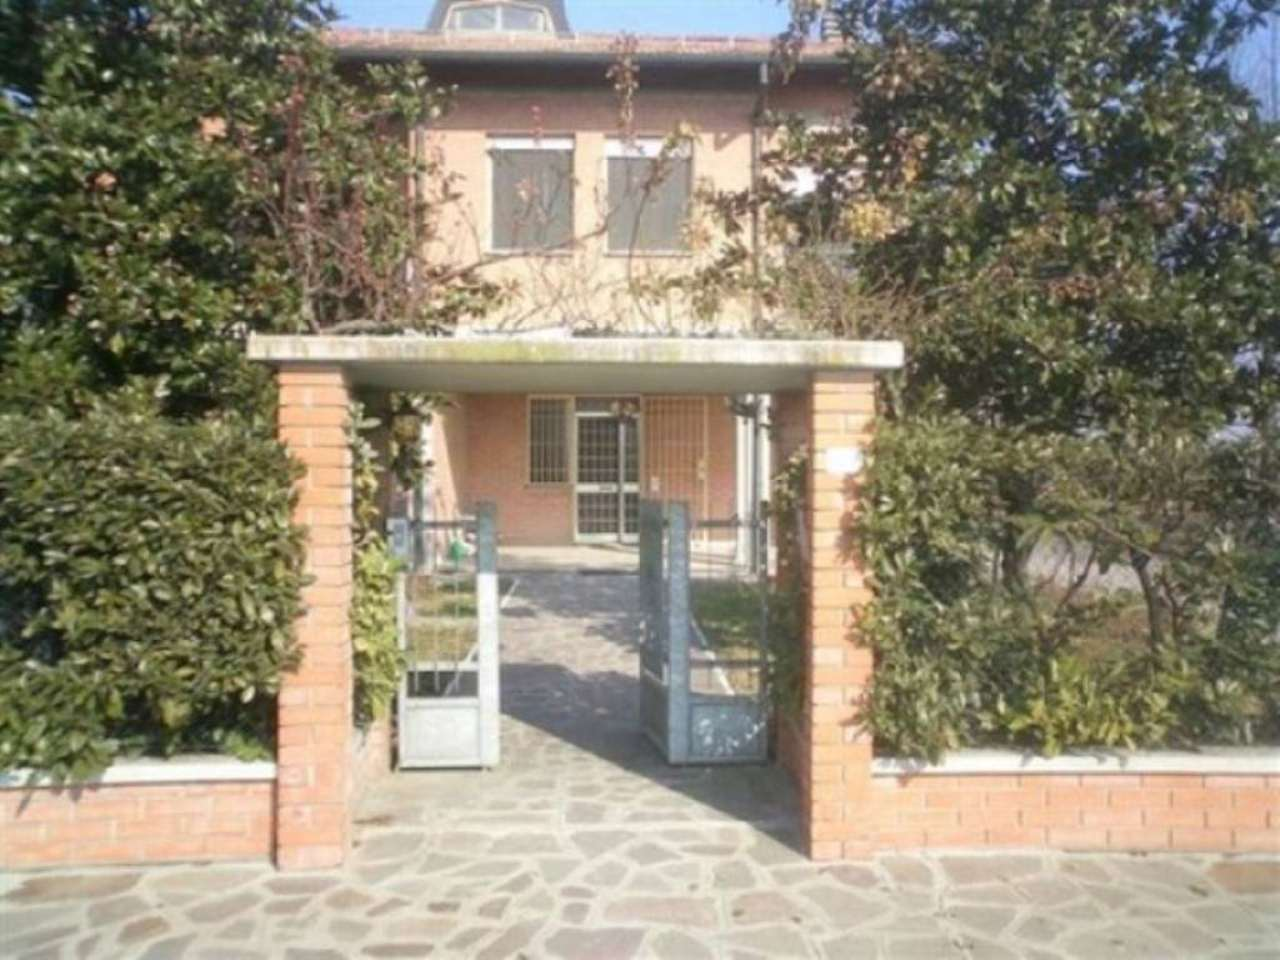 Villa in vendita a Anzola dell'Emilia, 6 locali, prezzo € 375.000 | Cambio Casa.it